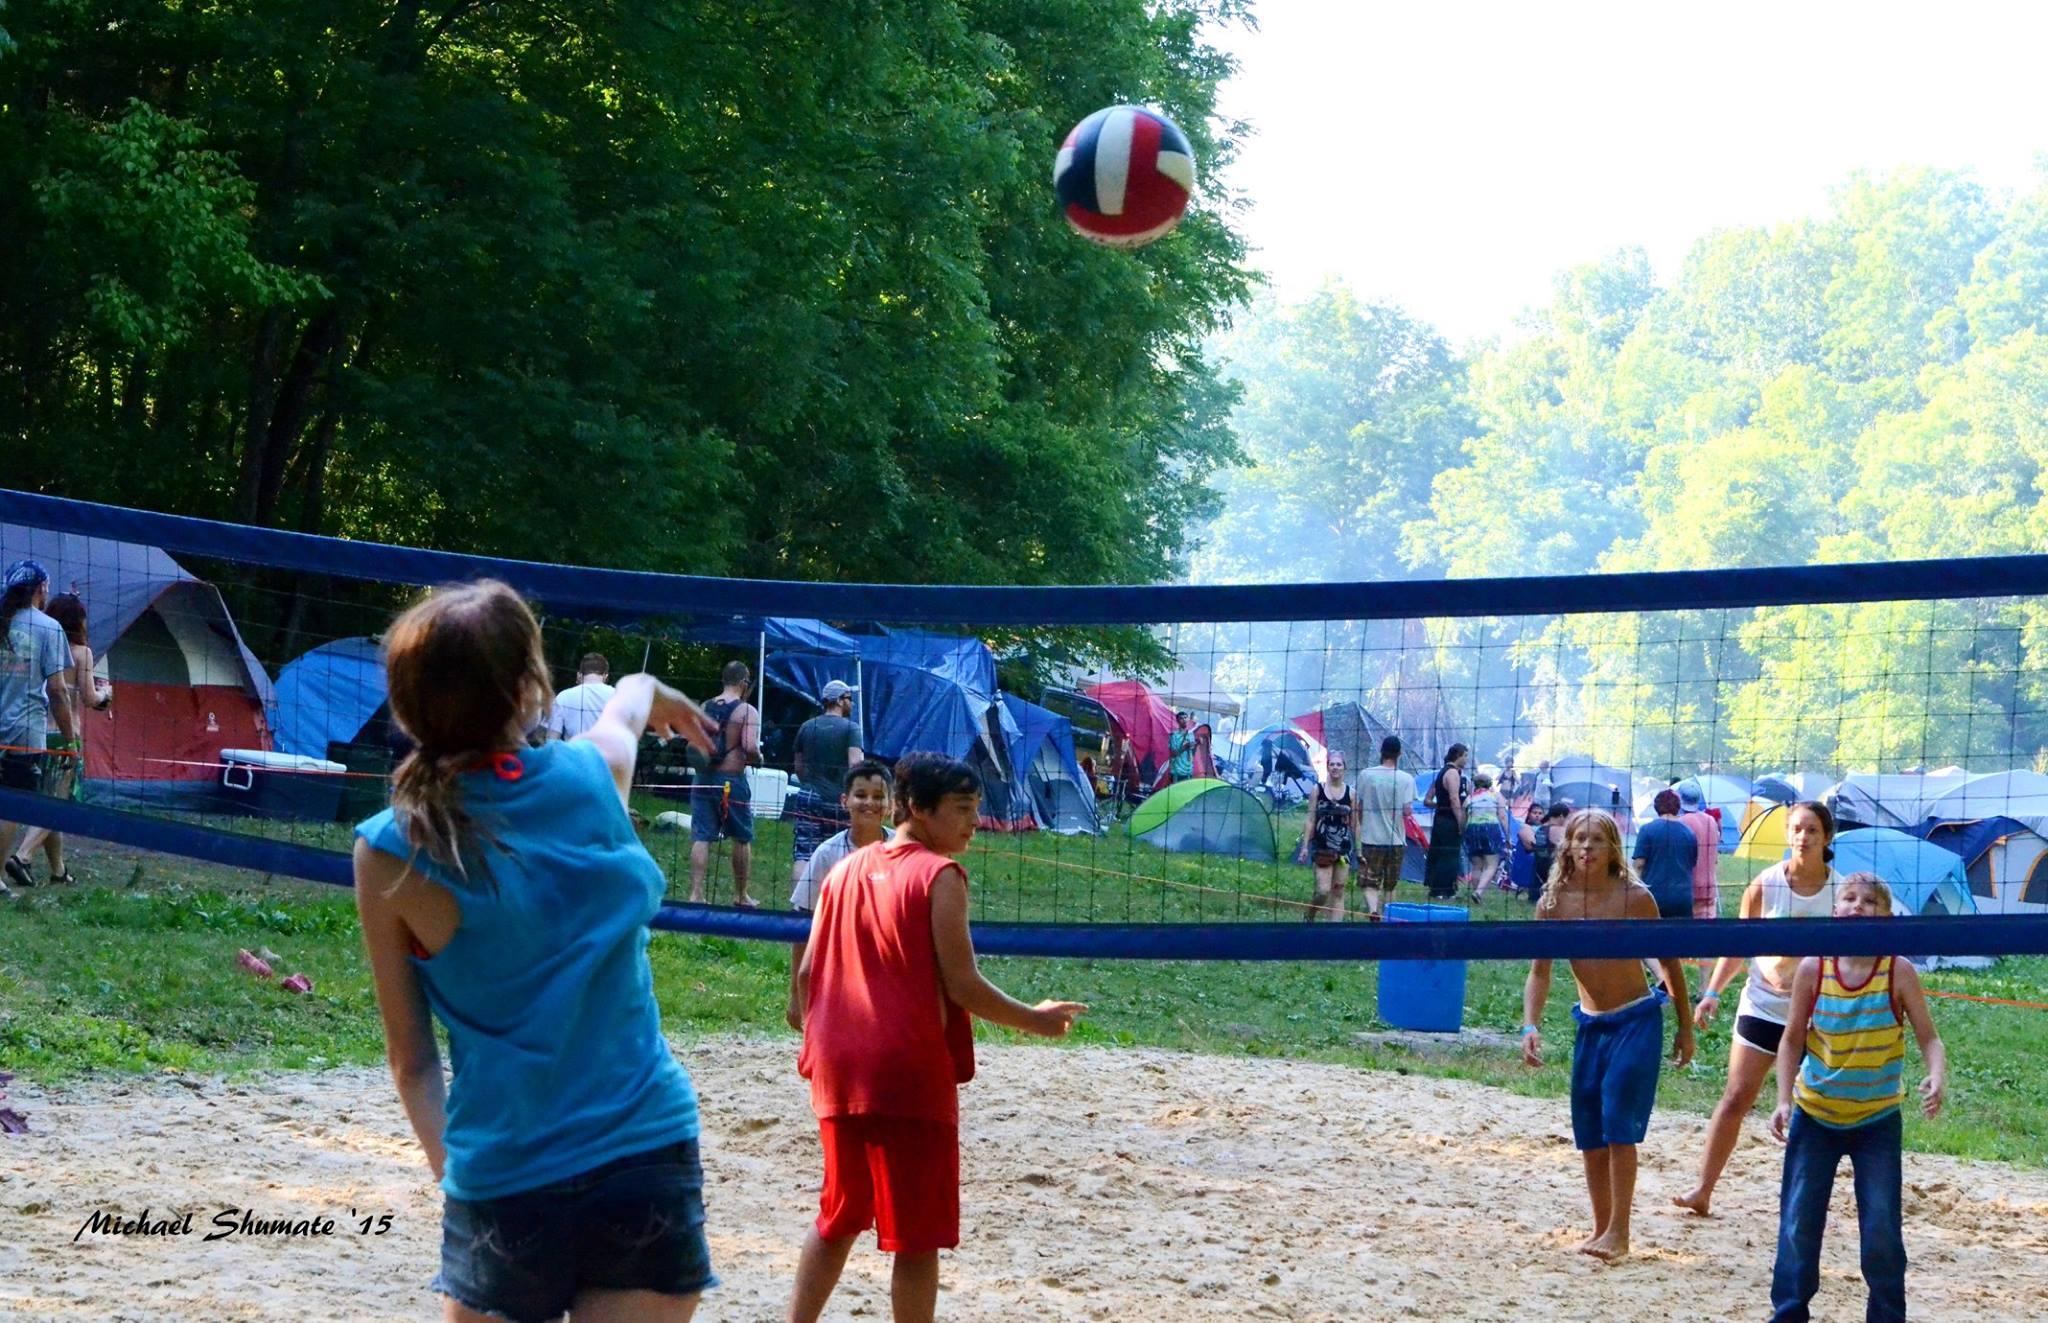 volleyball, children, kids, music festival